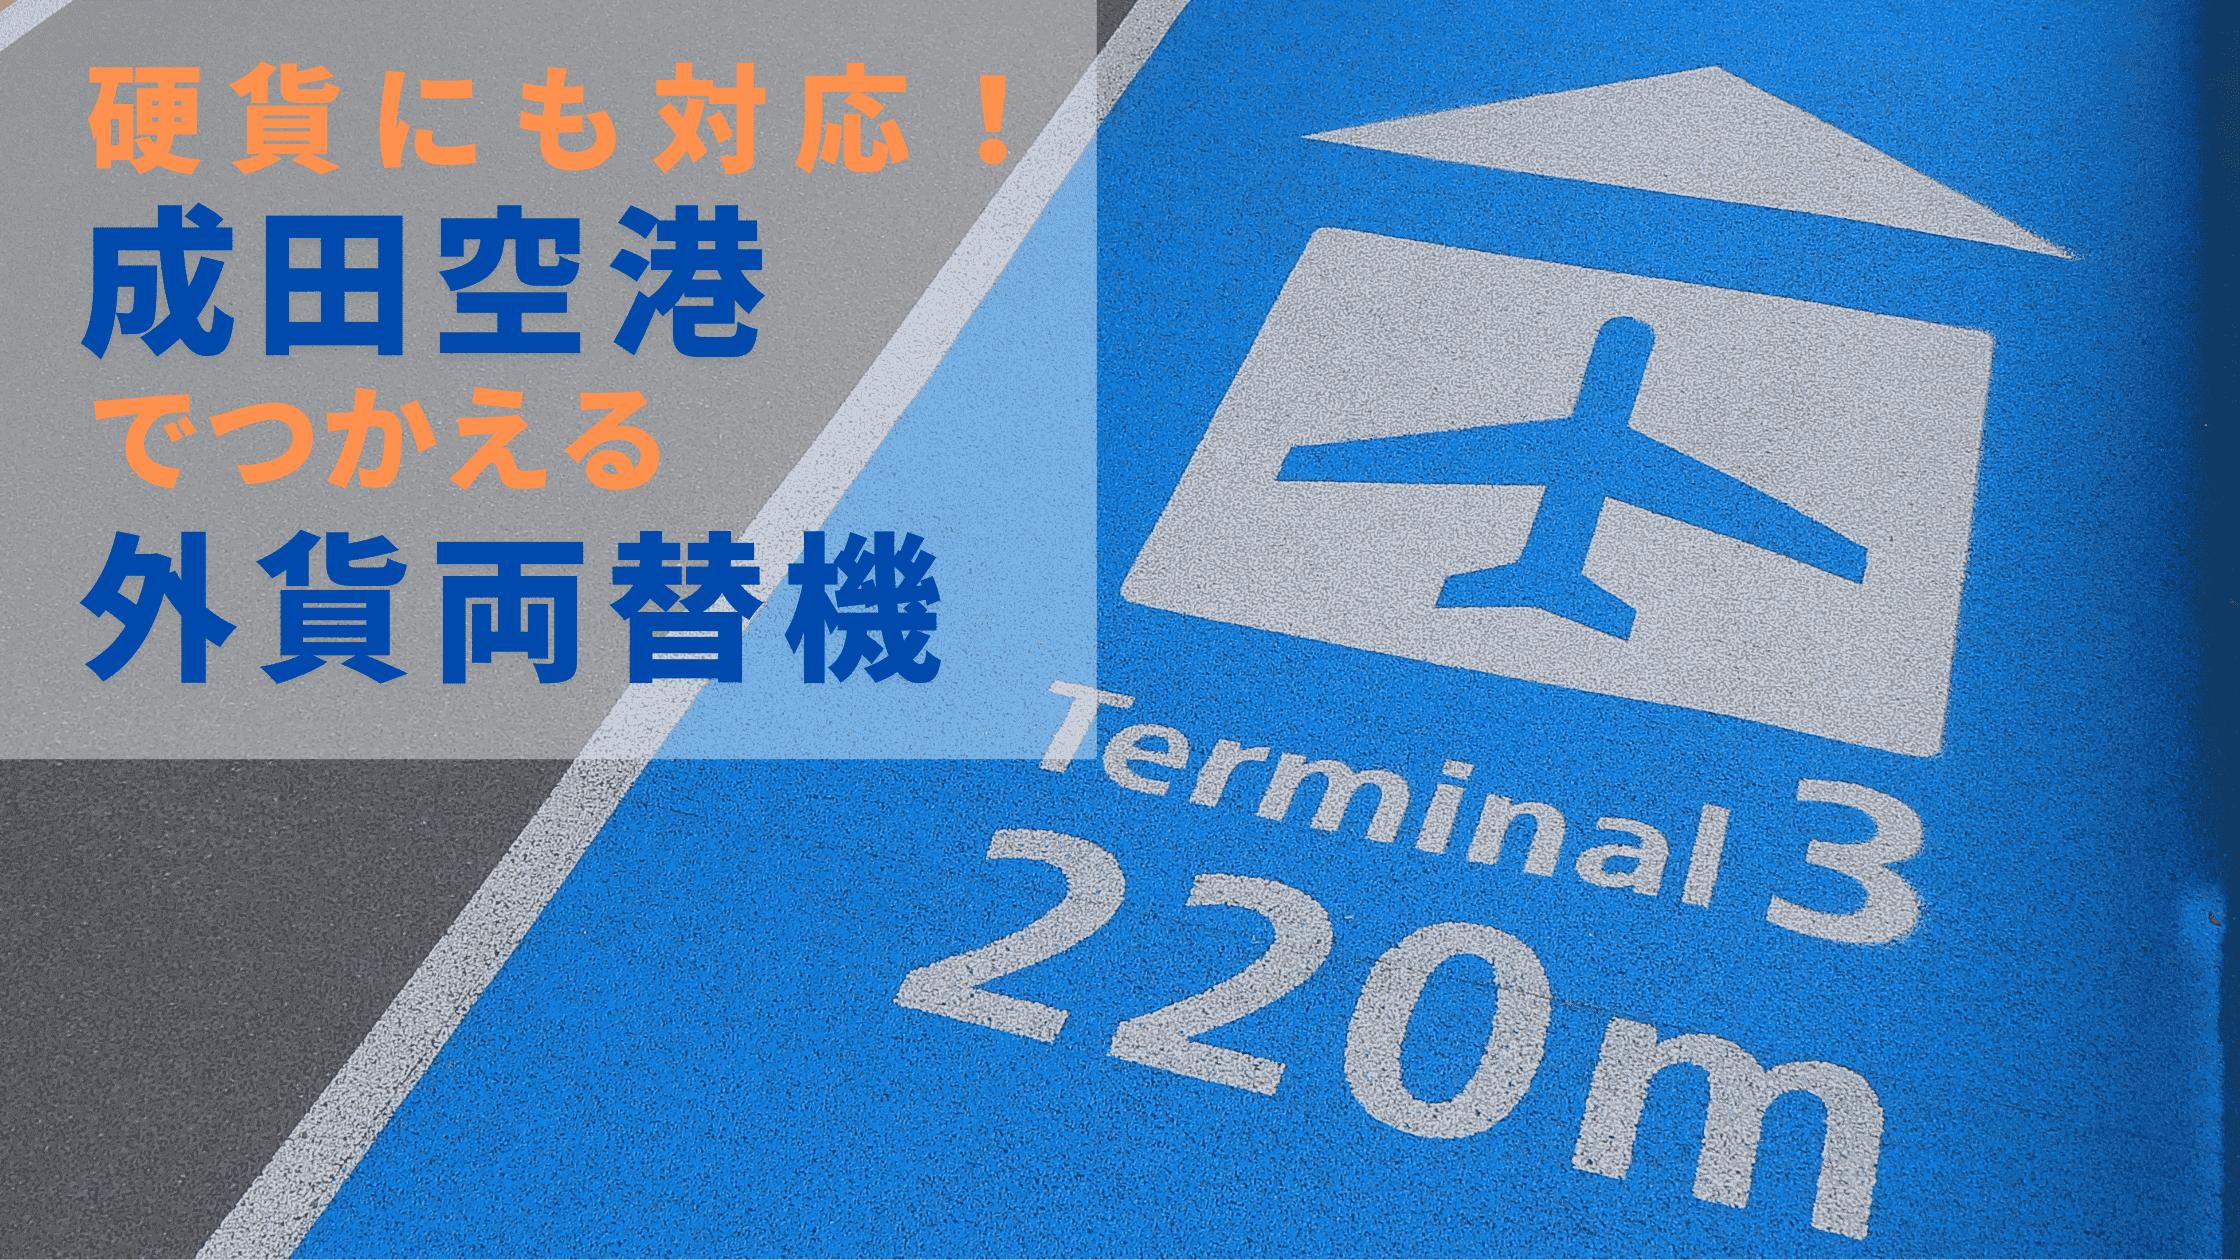 硬貨にも対応!成田空港でつかえる外貨両替機まとめ